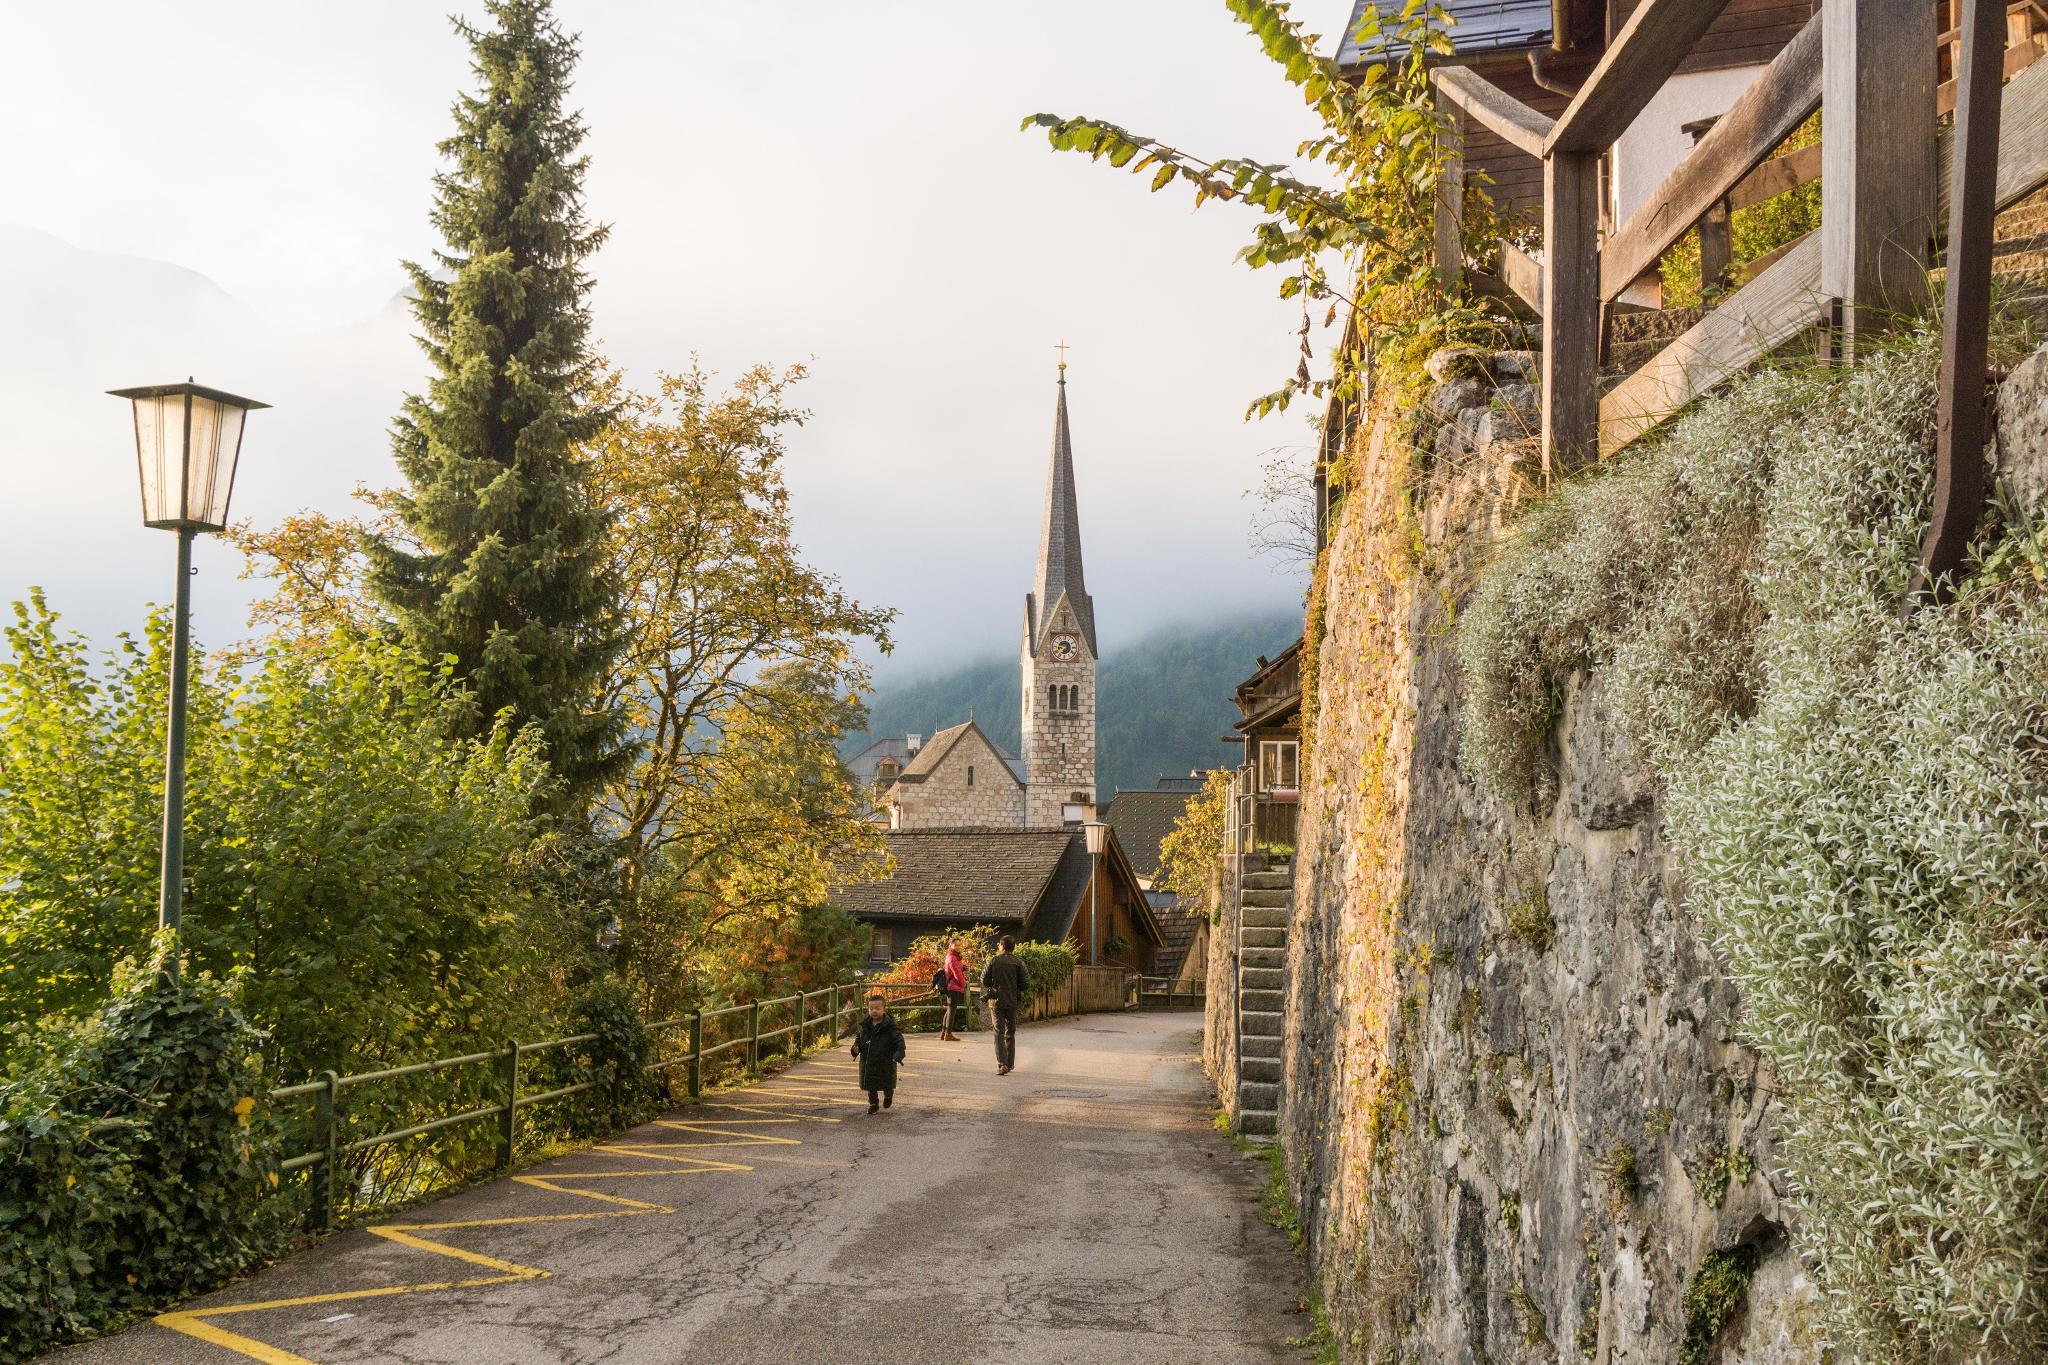 【奧地利】童話仙境 Hallstatt 哈修塔特 — 追逐世界遺產小鎮的夢幻黃金日出 18